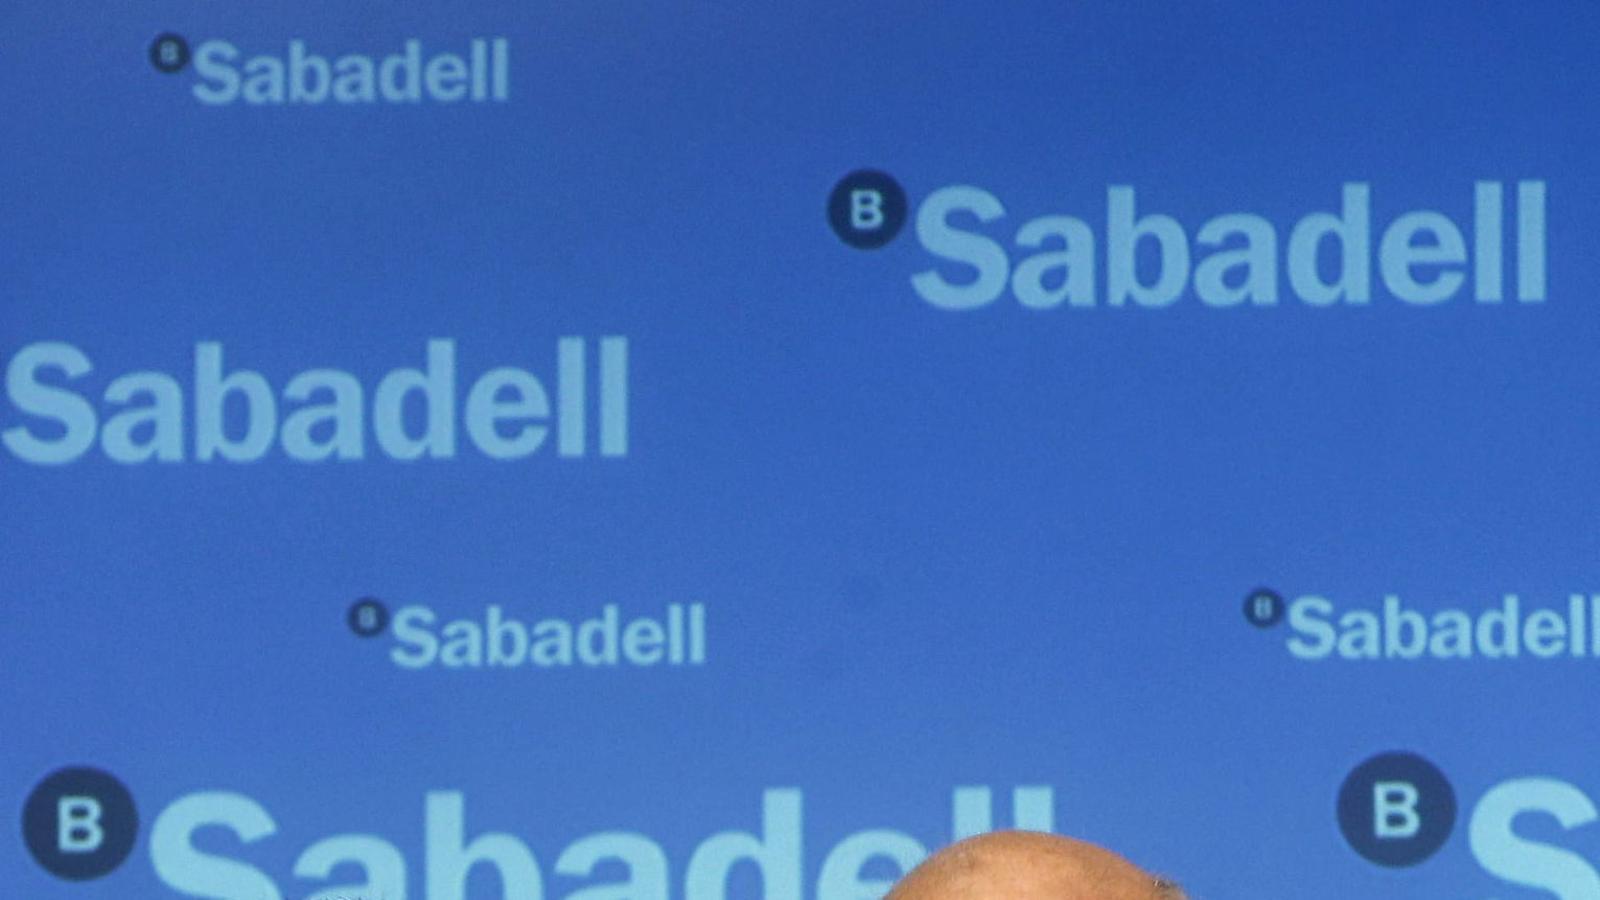 El sabadell preveu que la banca espanyola tanqui for Banc sabadell oficines sabadell